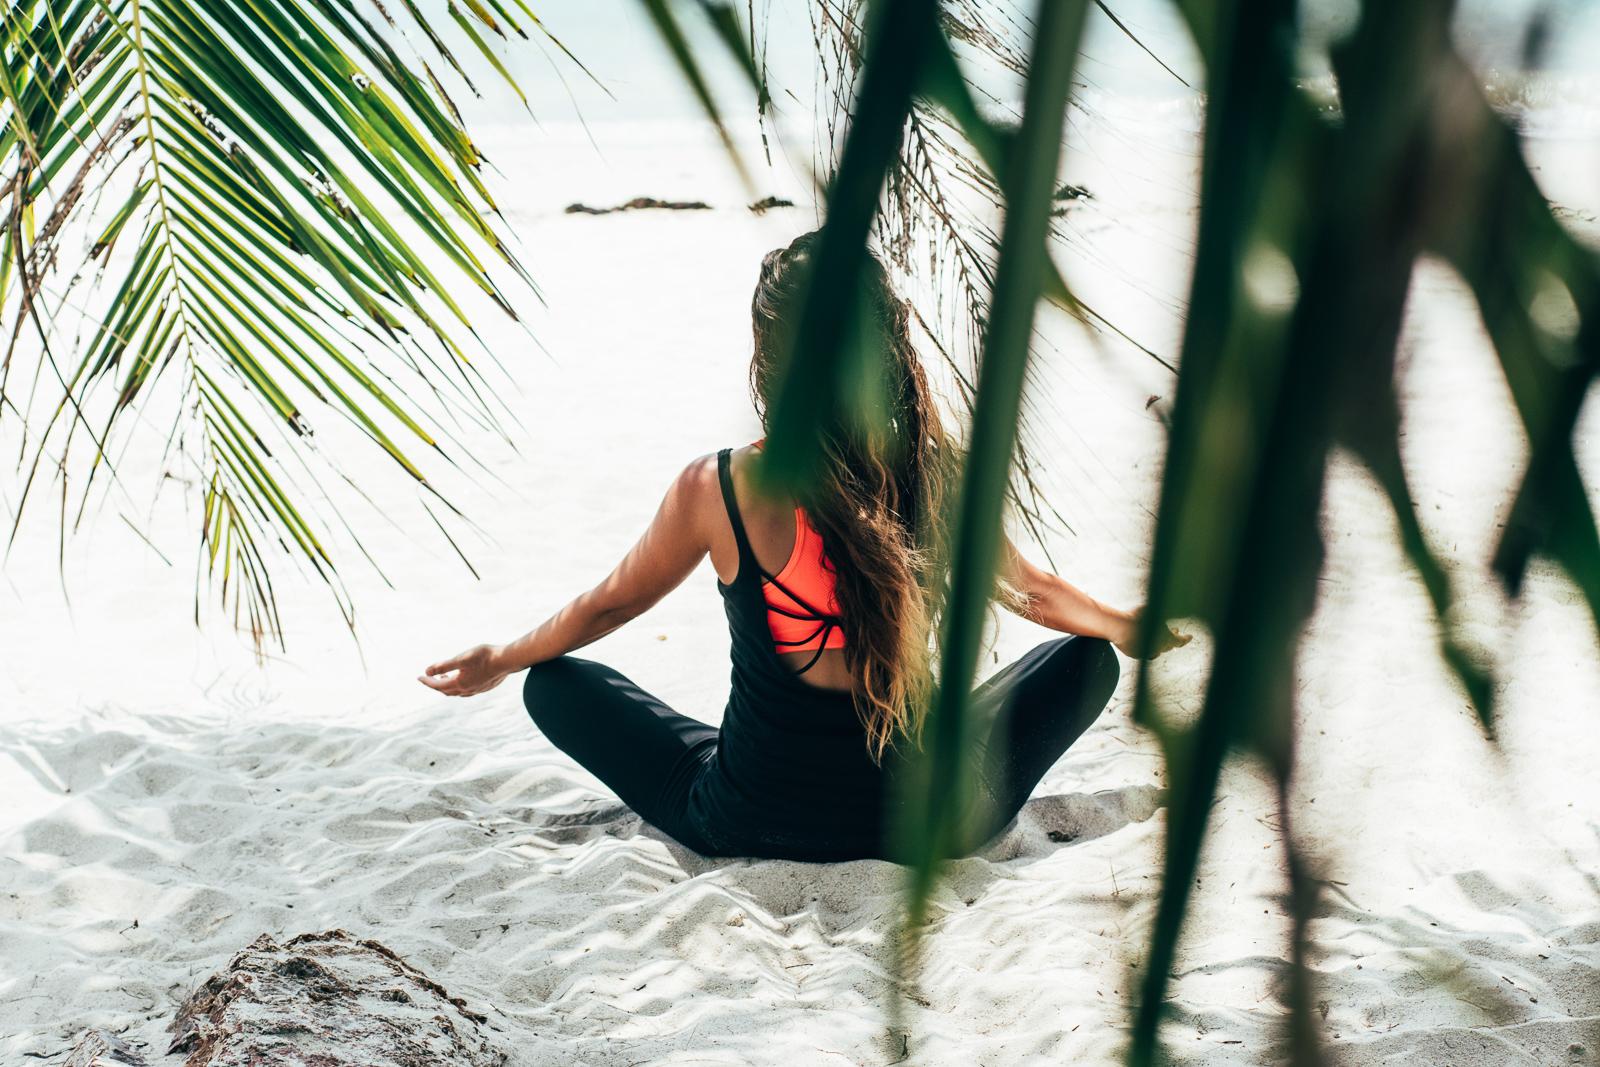 2019_RebeccaRuetten_Web_Yoga-27.jpg